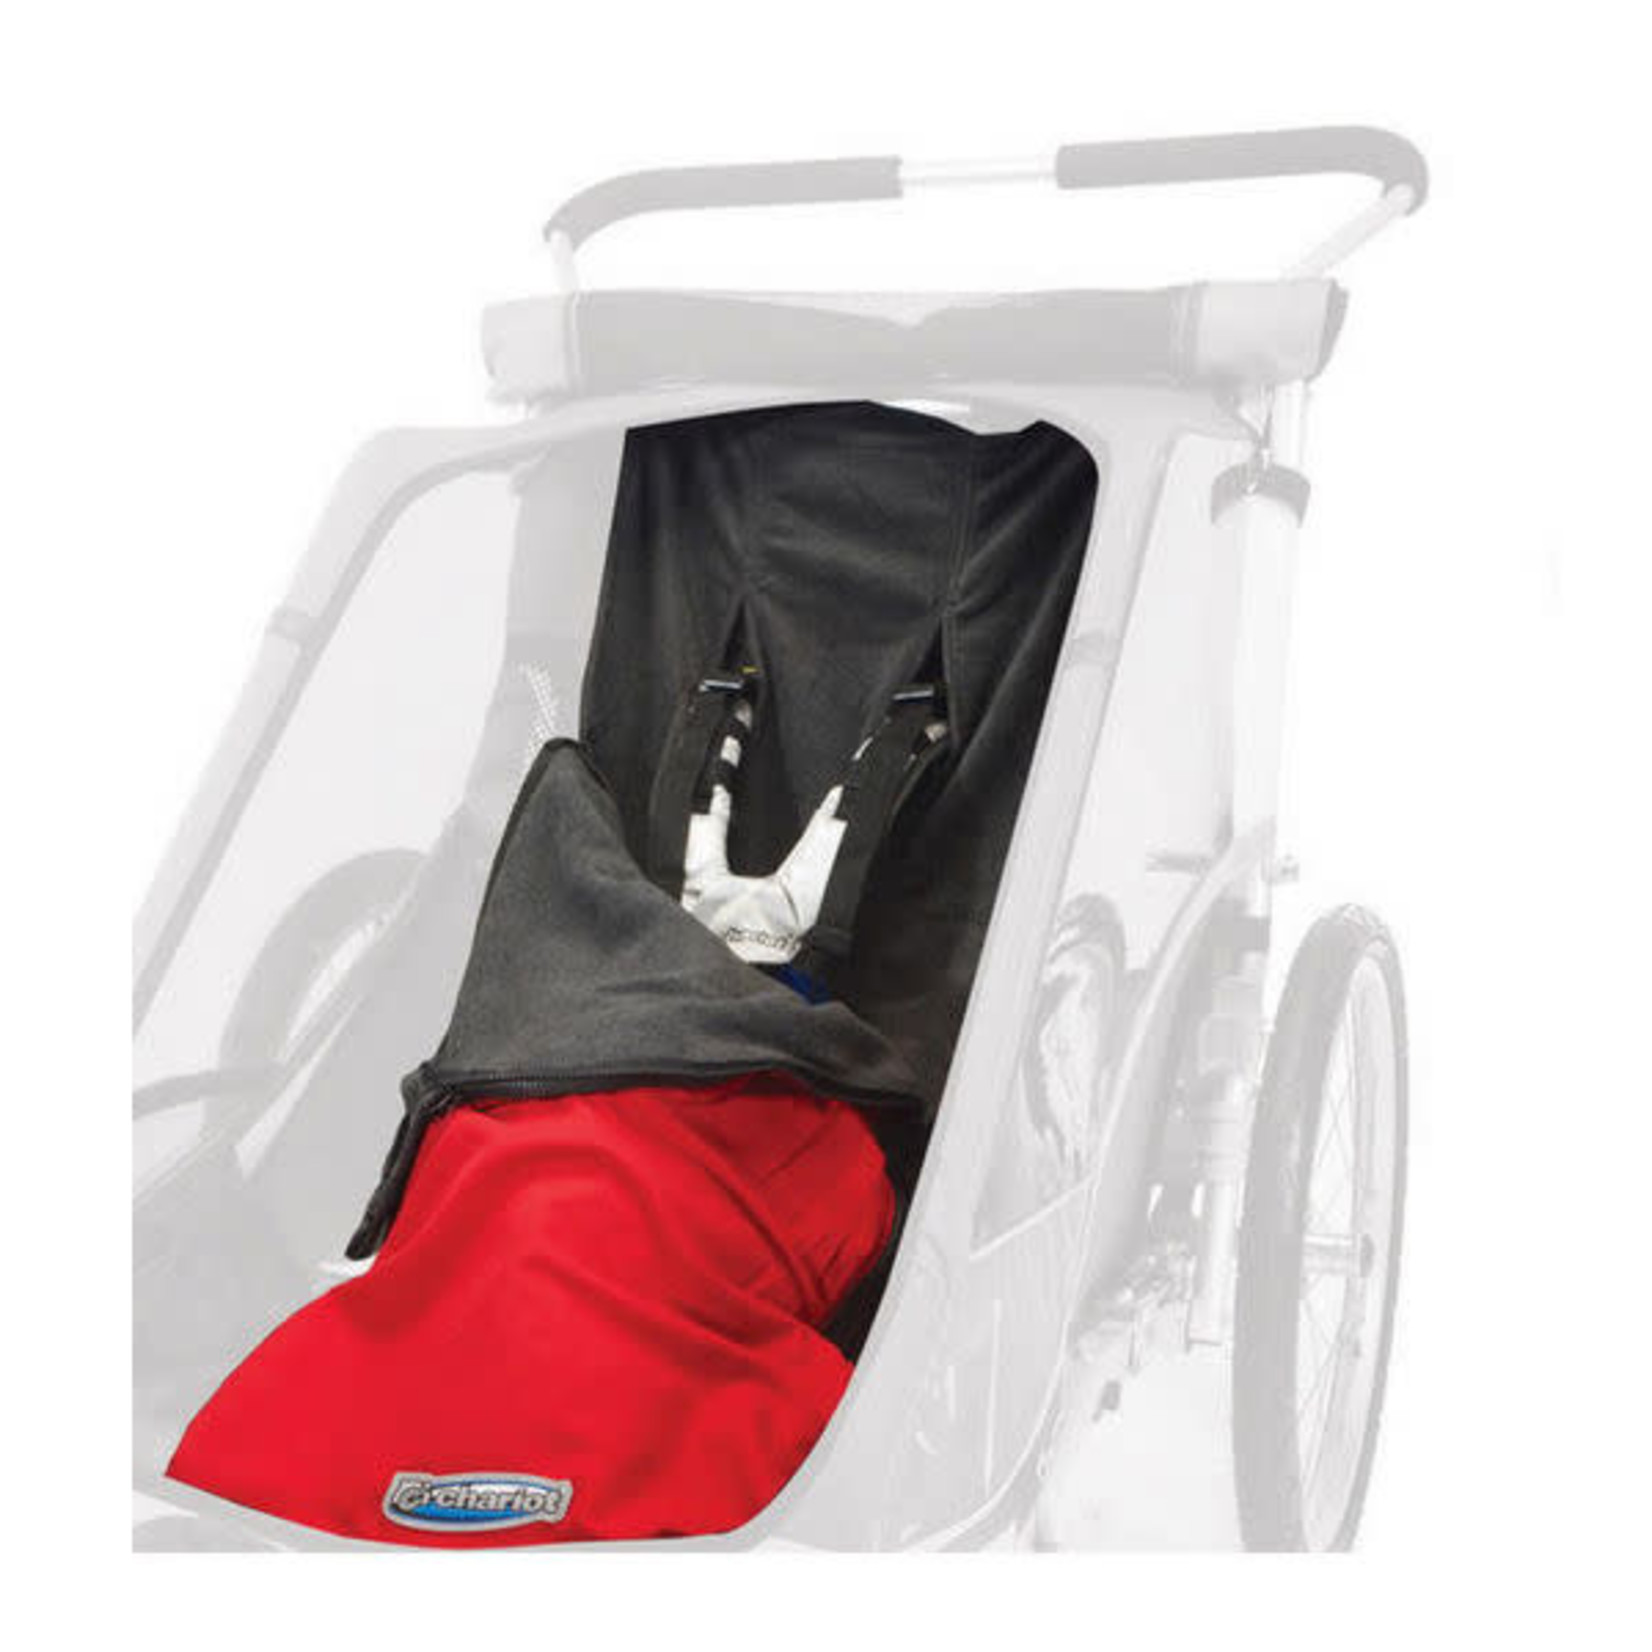 Chariot Chariot All-Season Bunting Bag